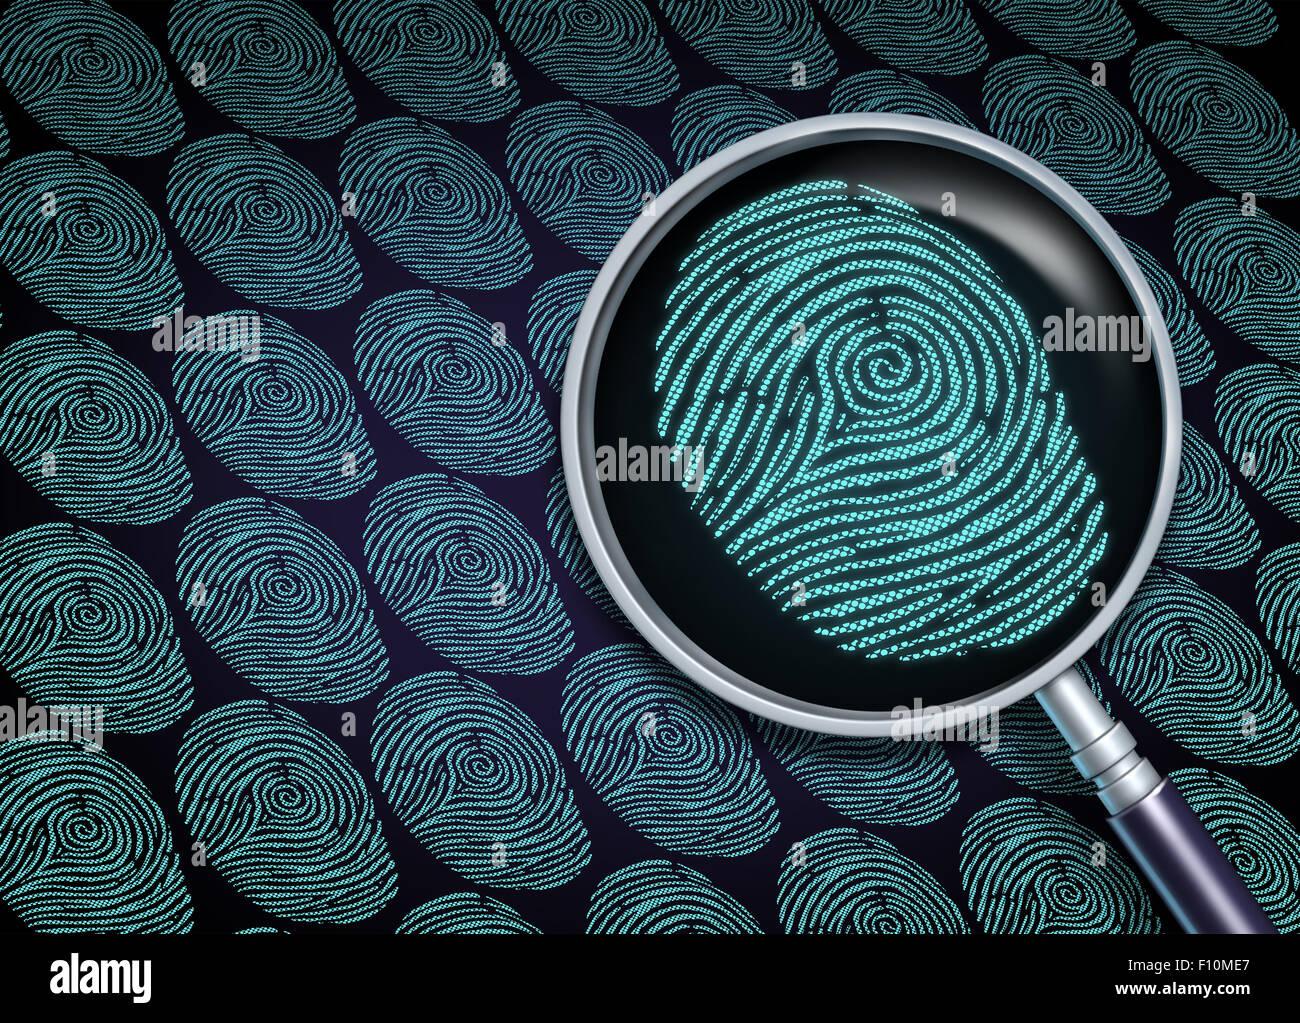 La ricerca di identità di un concetto o la scelta del dipendente come il reclutamento e la risorsa umana simbolo Immagini Stock